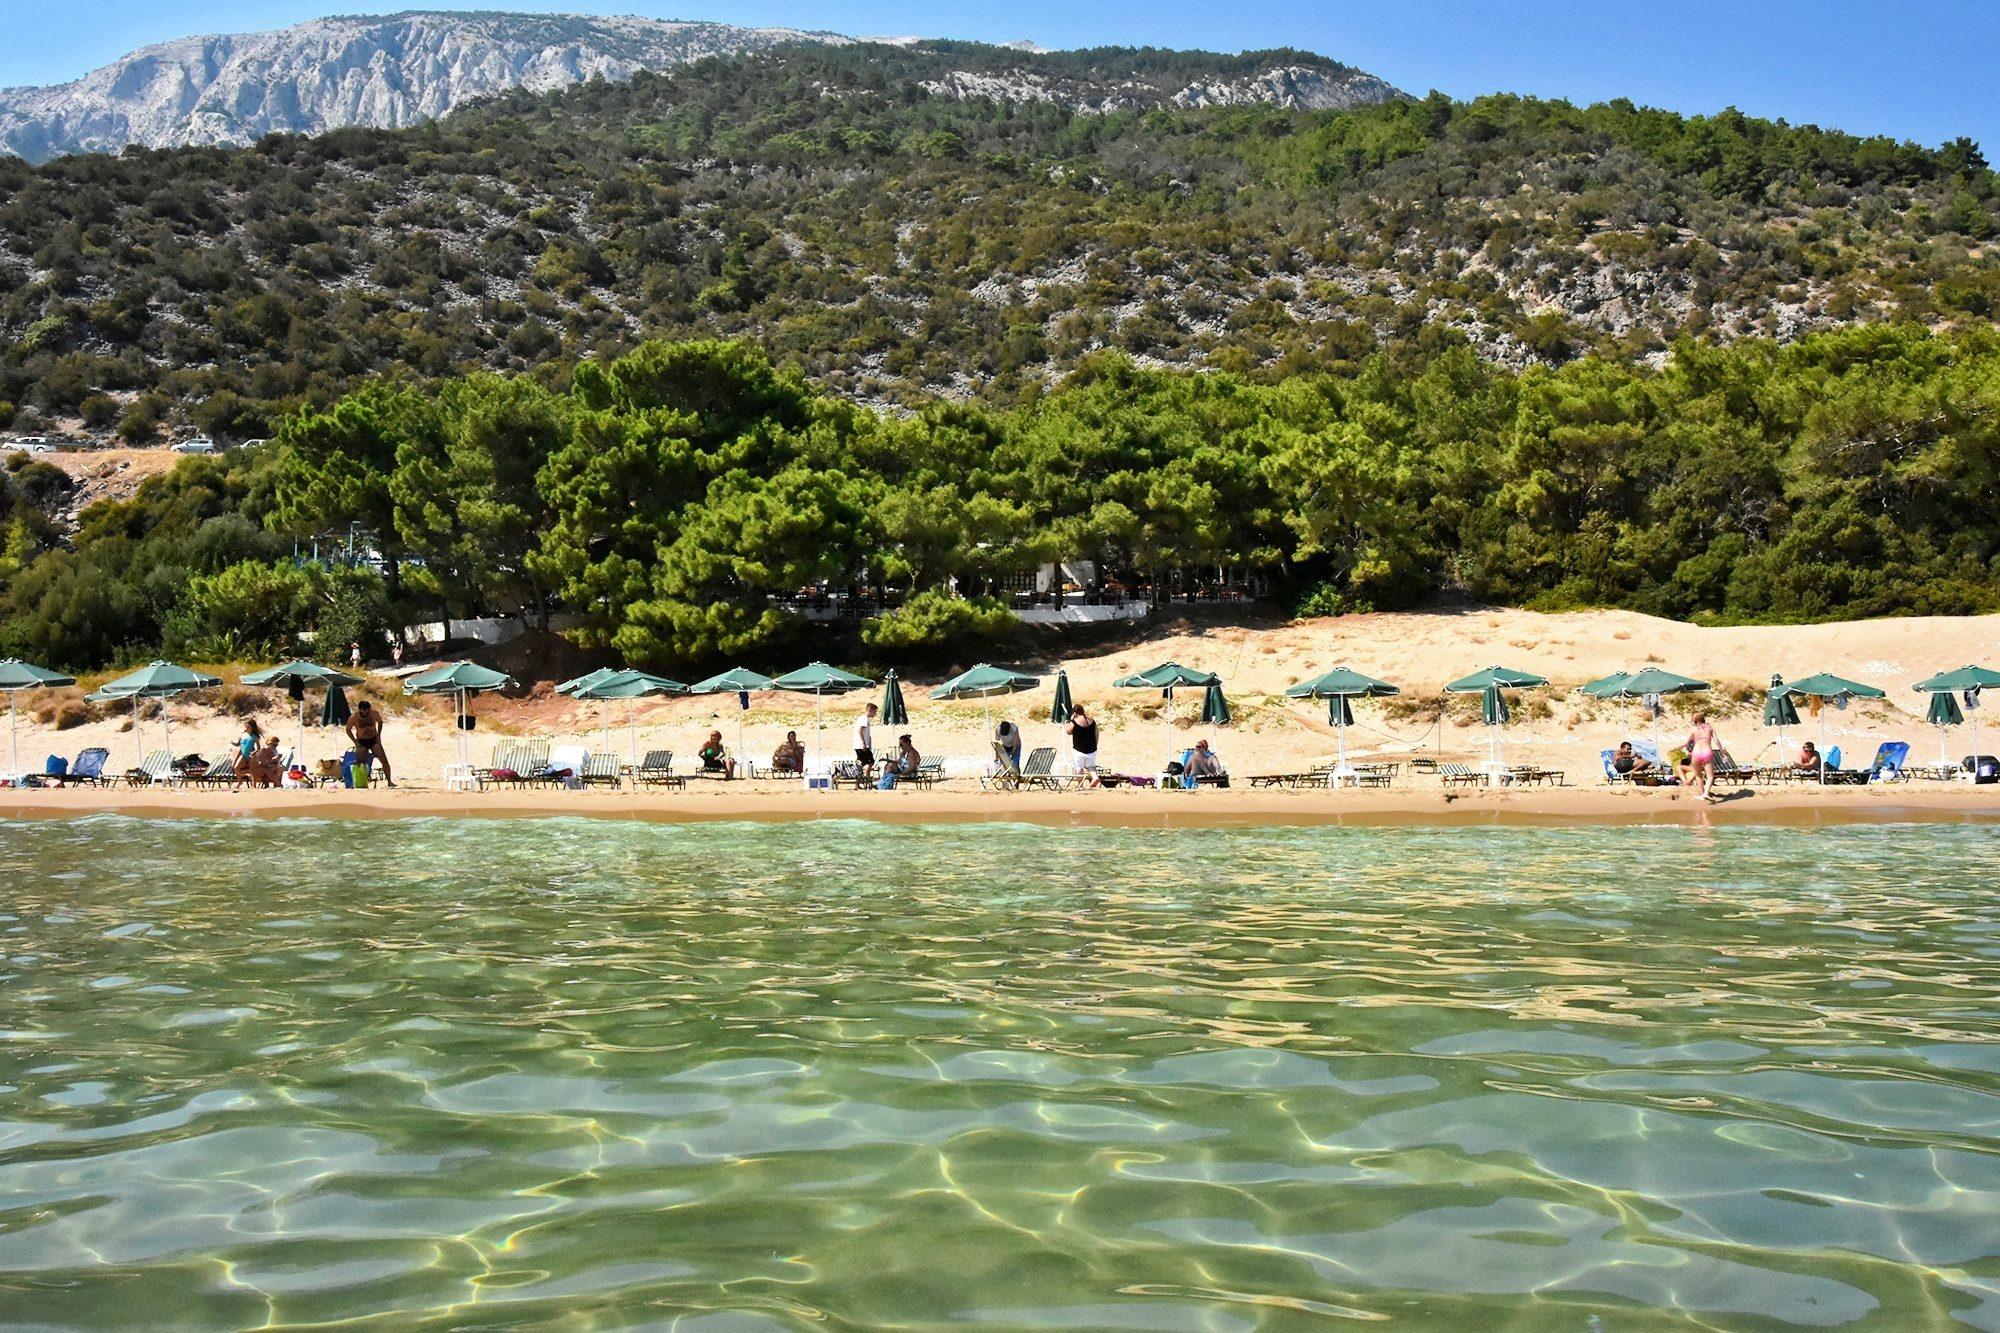 www λίπος μουνί εικόνες com